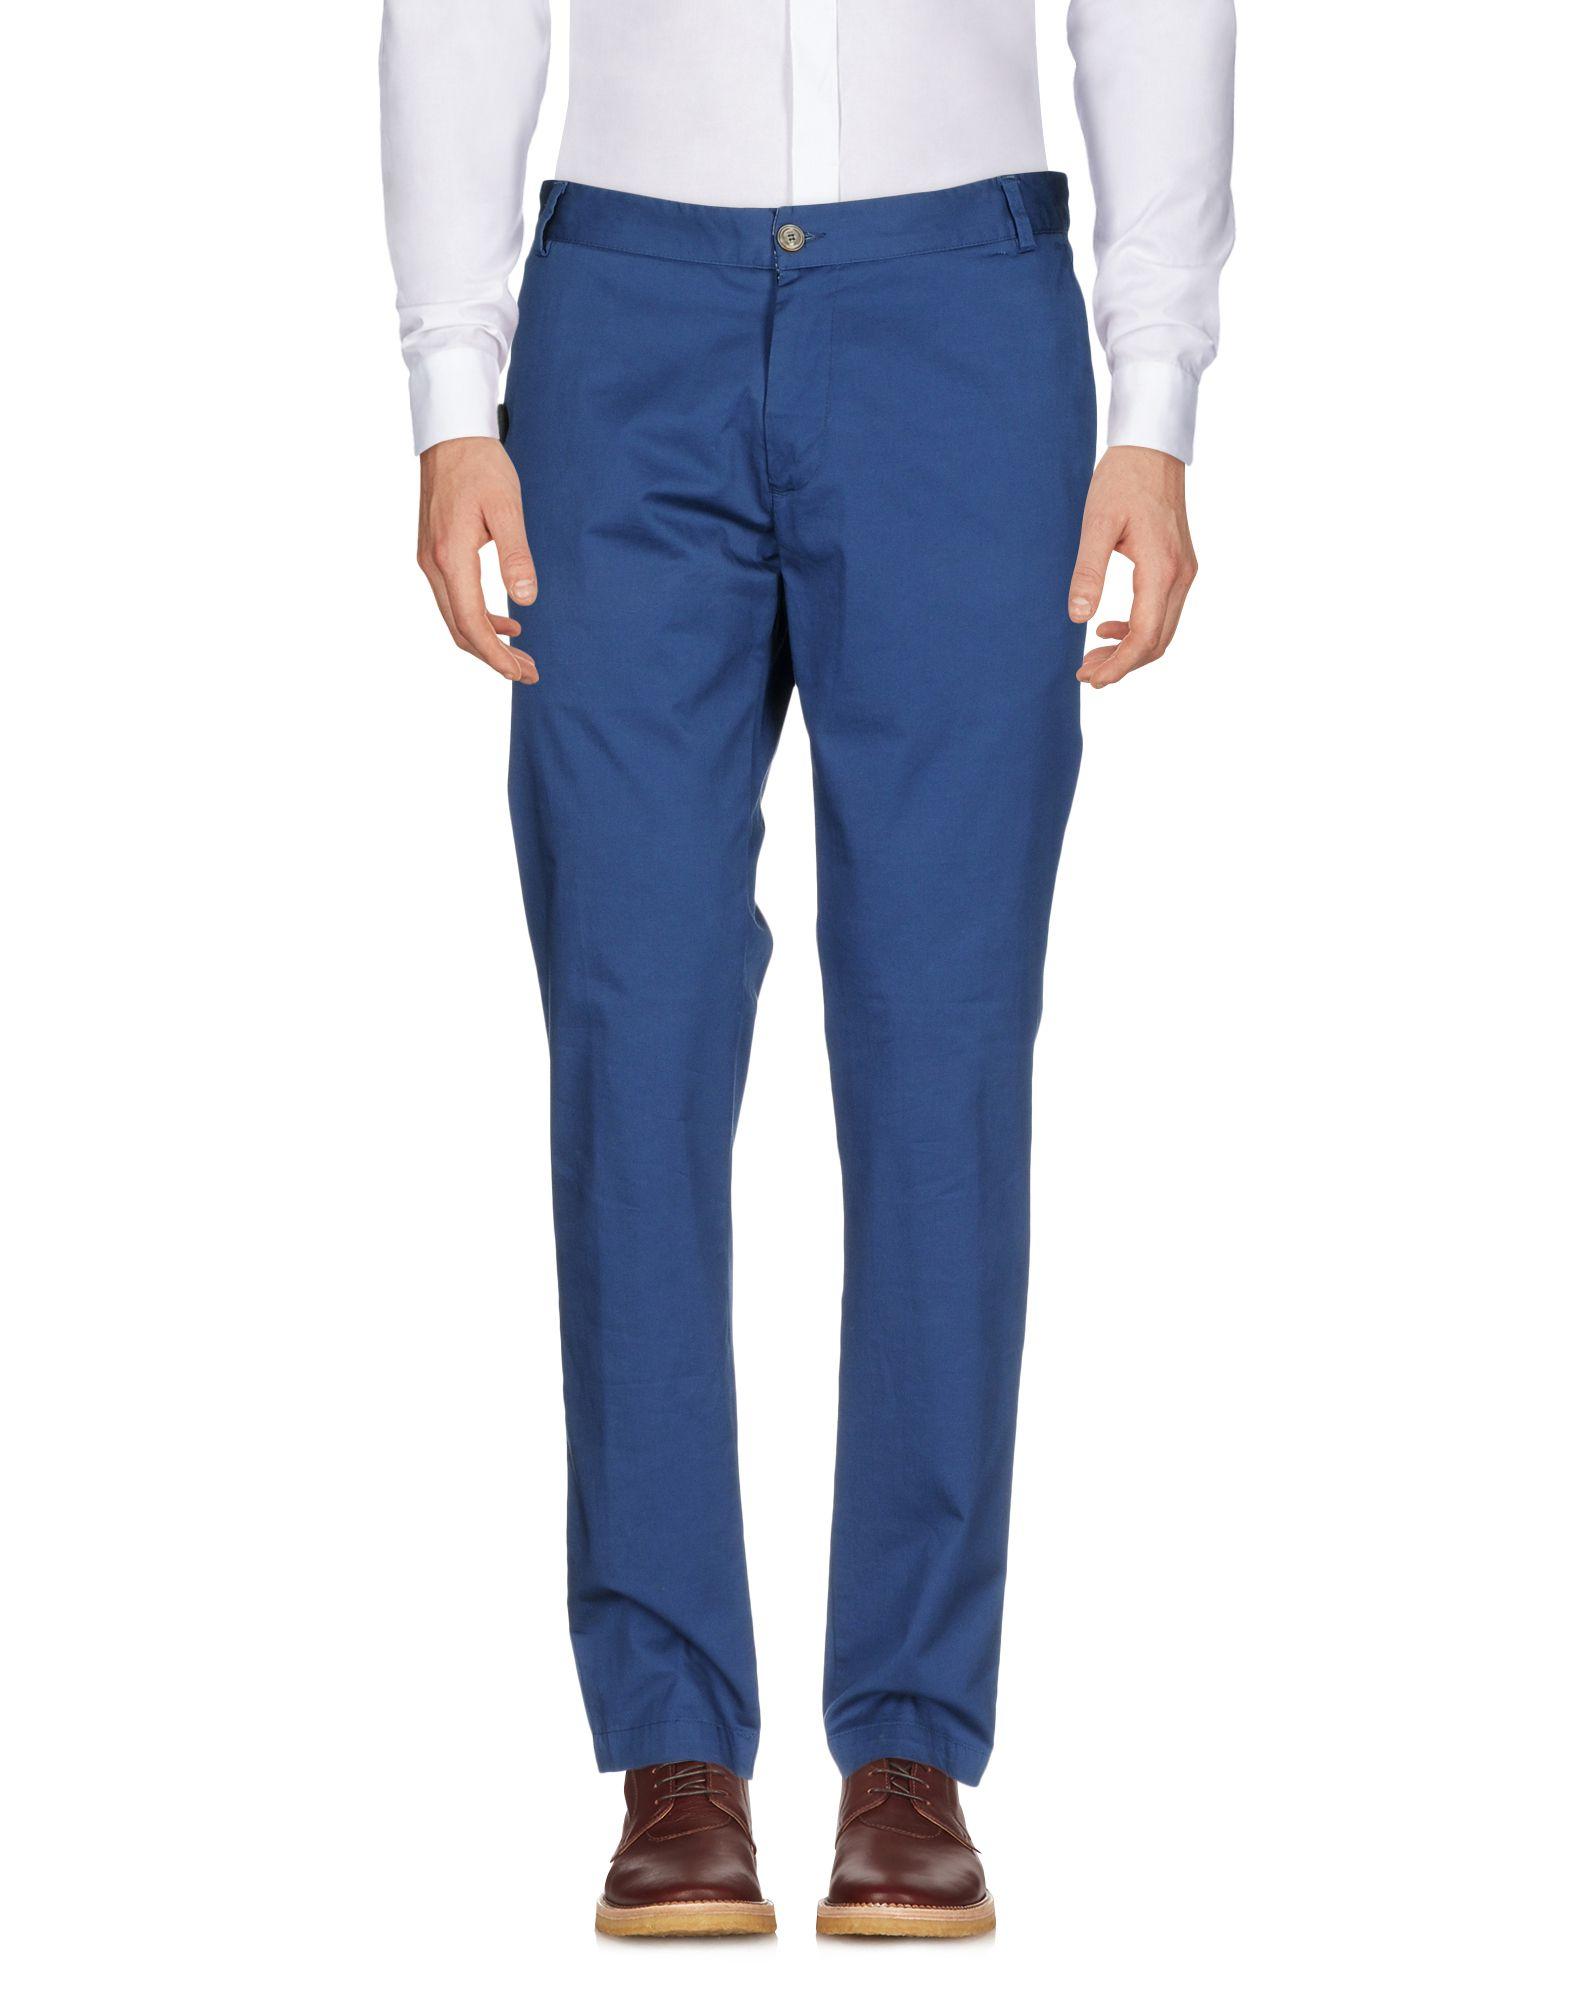 купить KOON Повседневные брюки по цене 2850 рублей